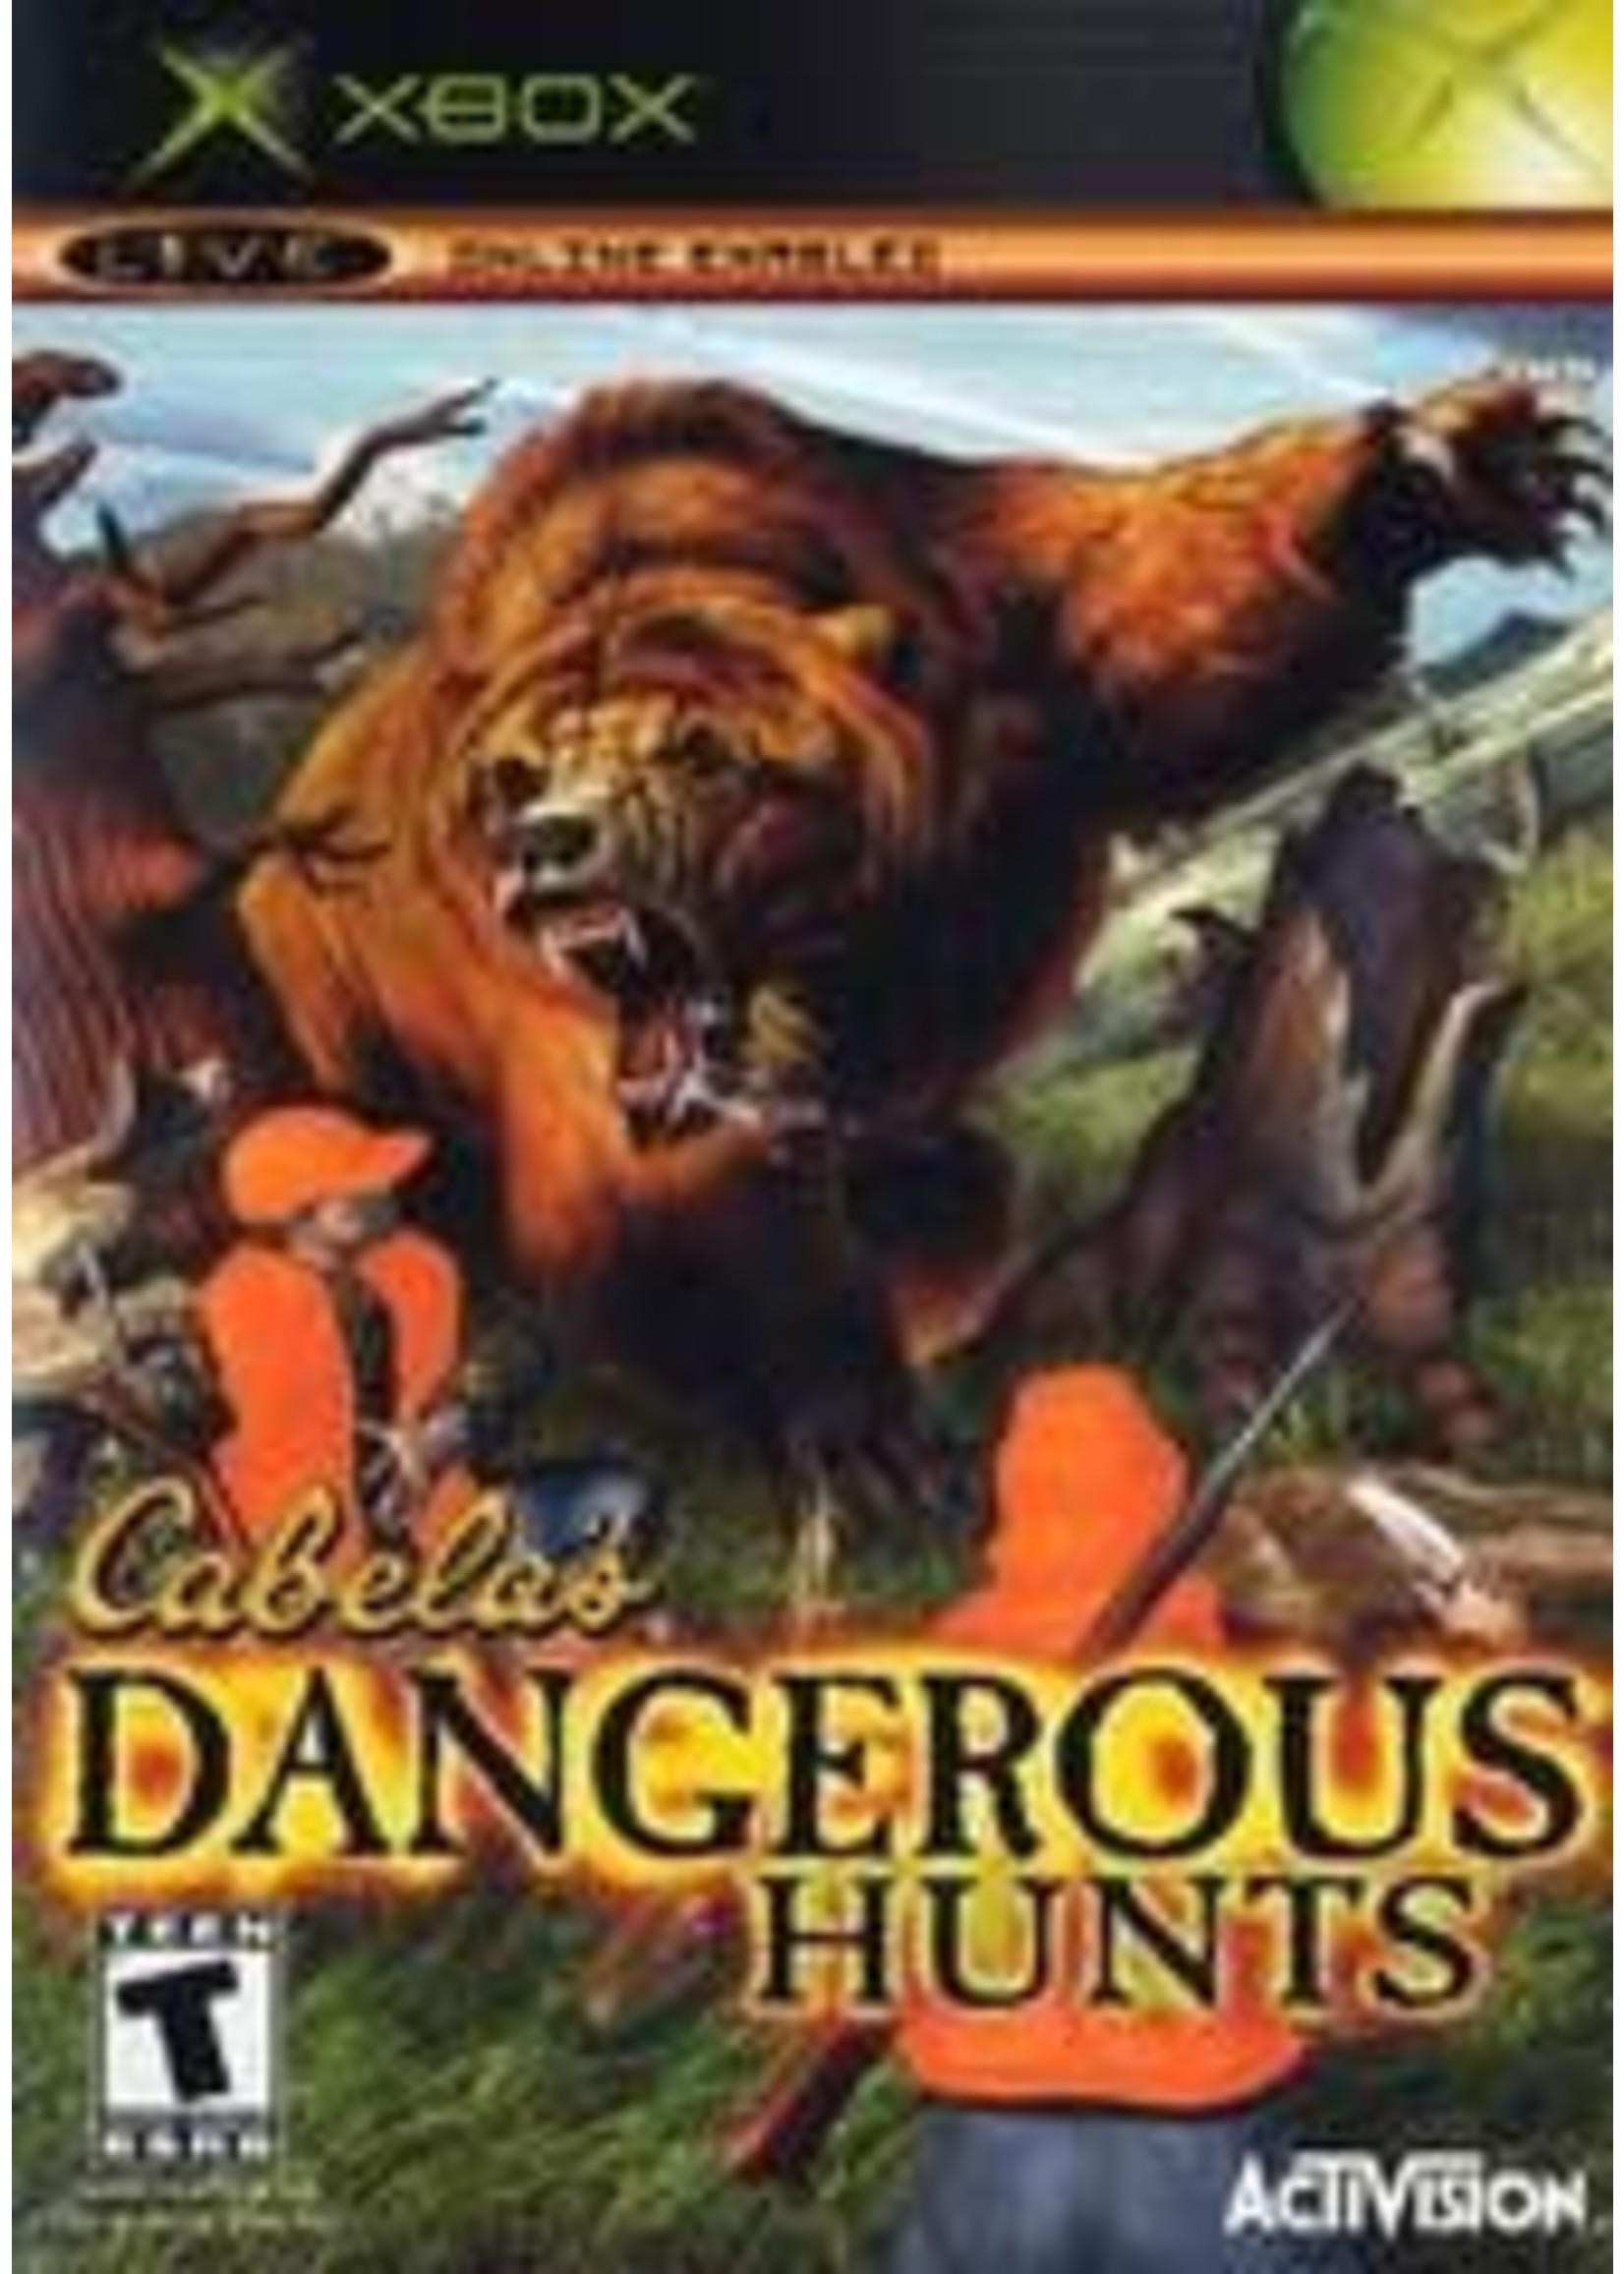 Cabela's Dangerous Hunts Xbox